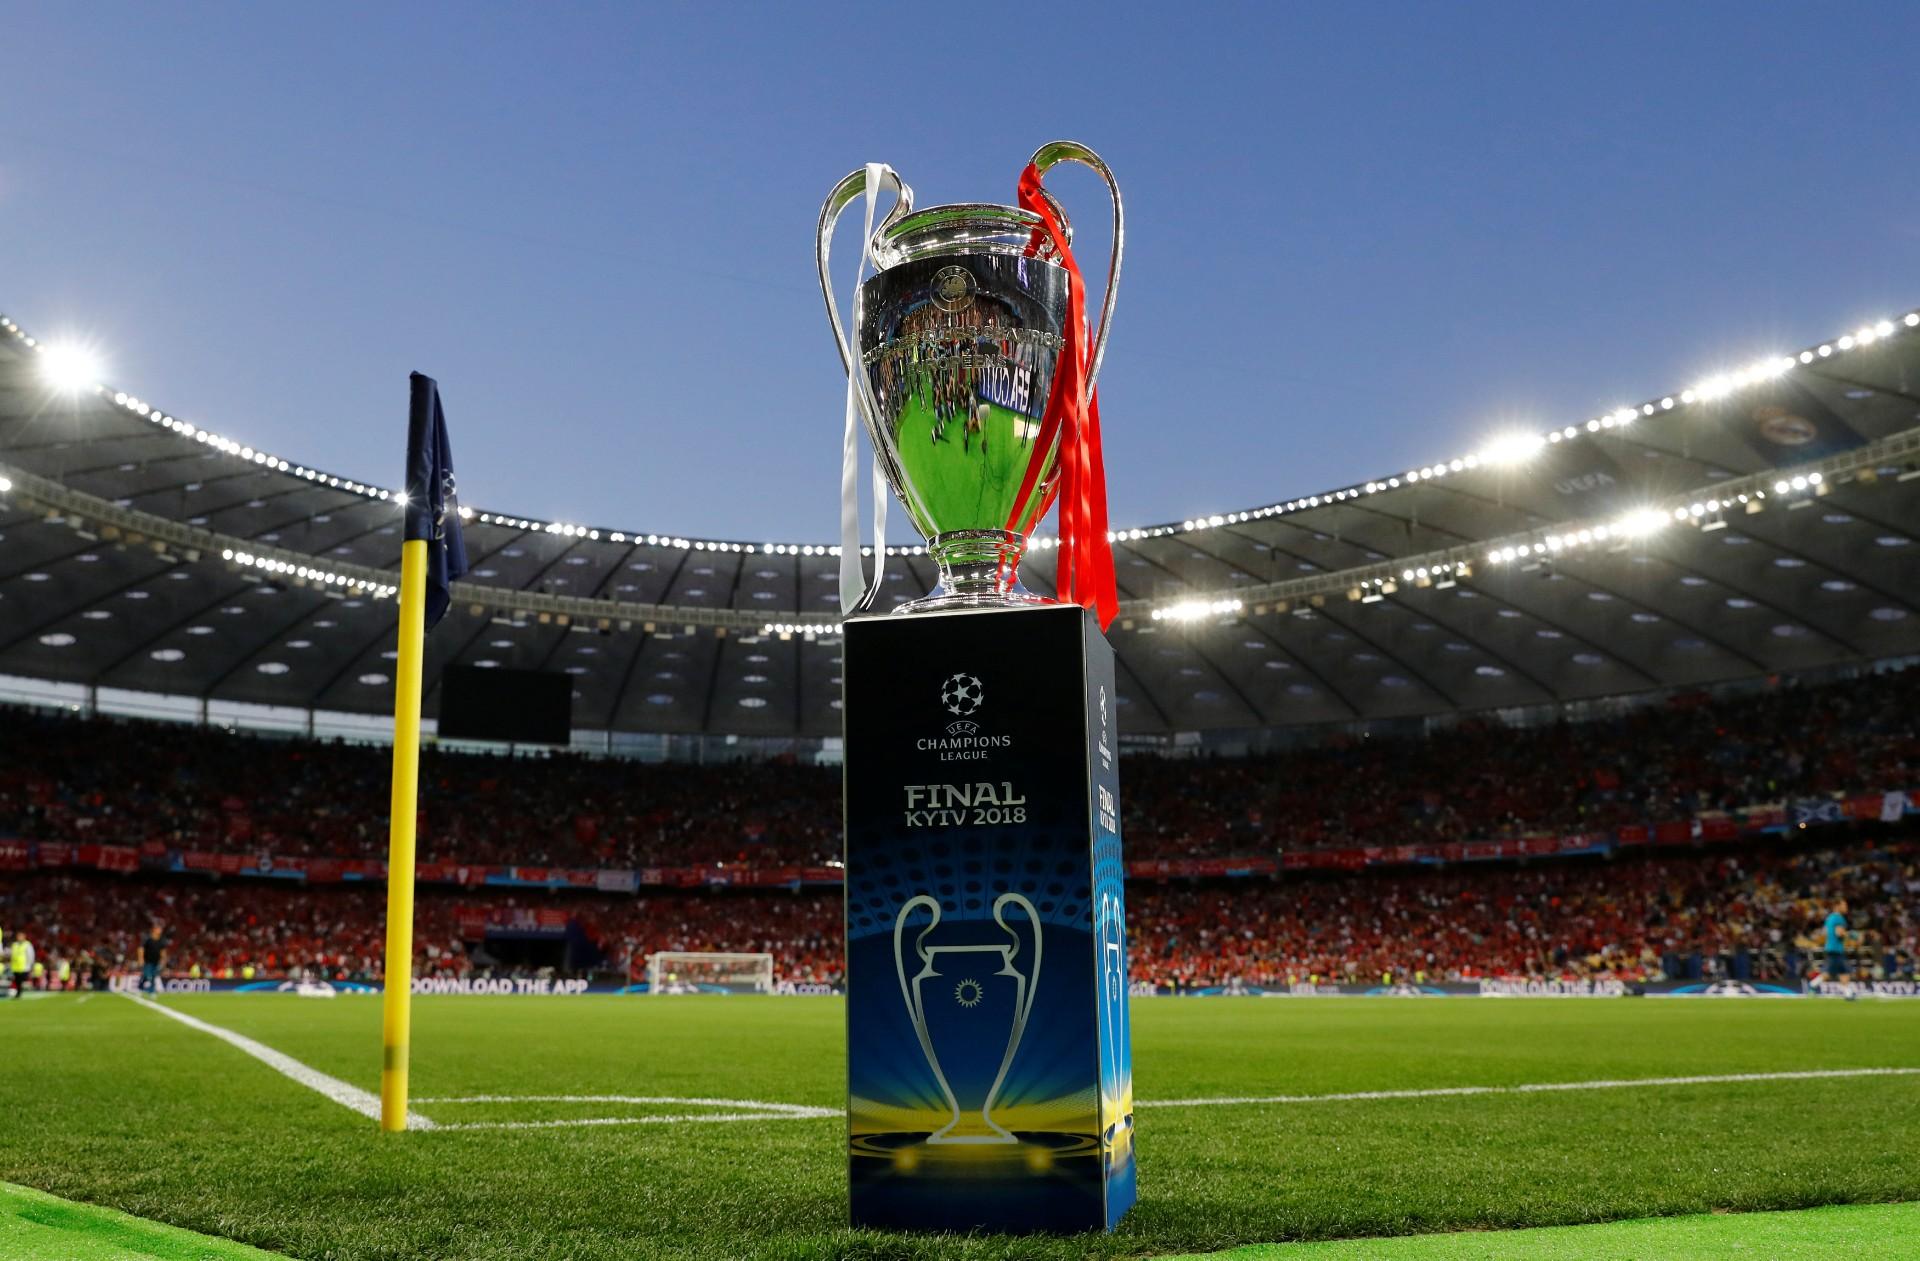 В Сети прокомментировали исход финального матча Лиги чемпионов, который прошел в Киеве